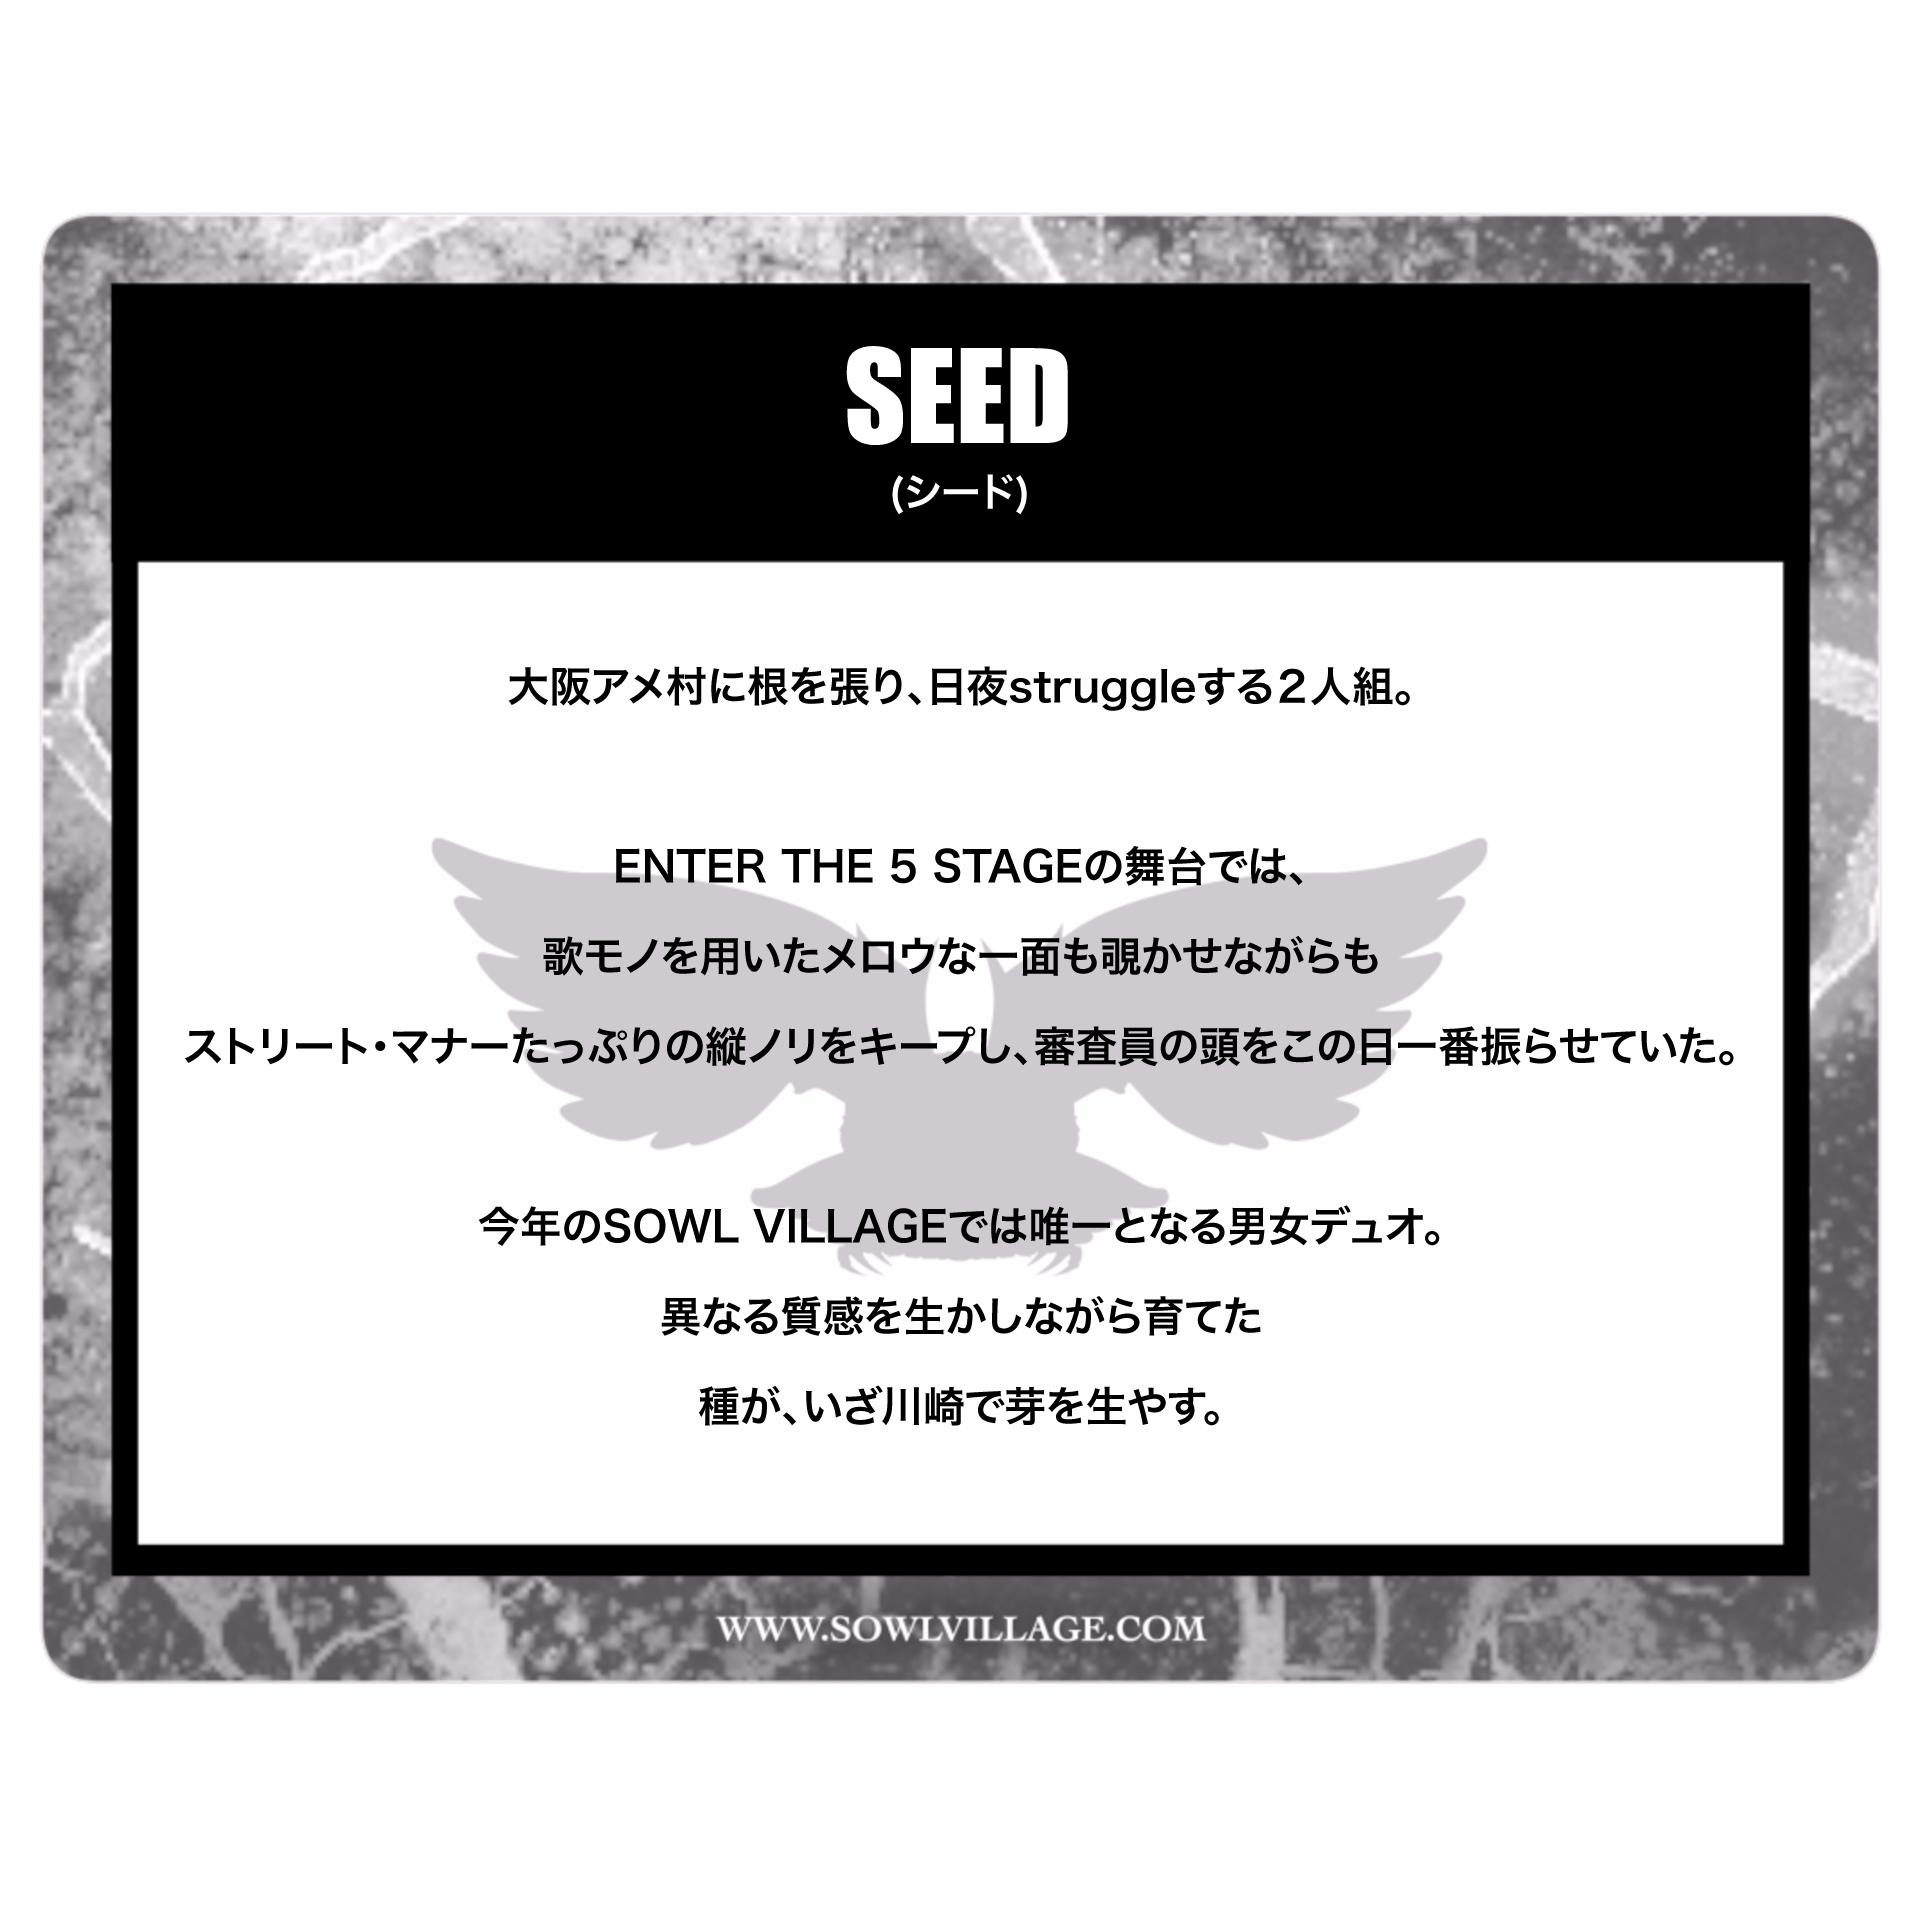 SWCARD-SEED-裏 – SOWL VILLAGE